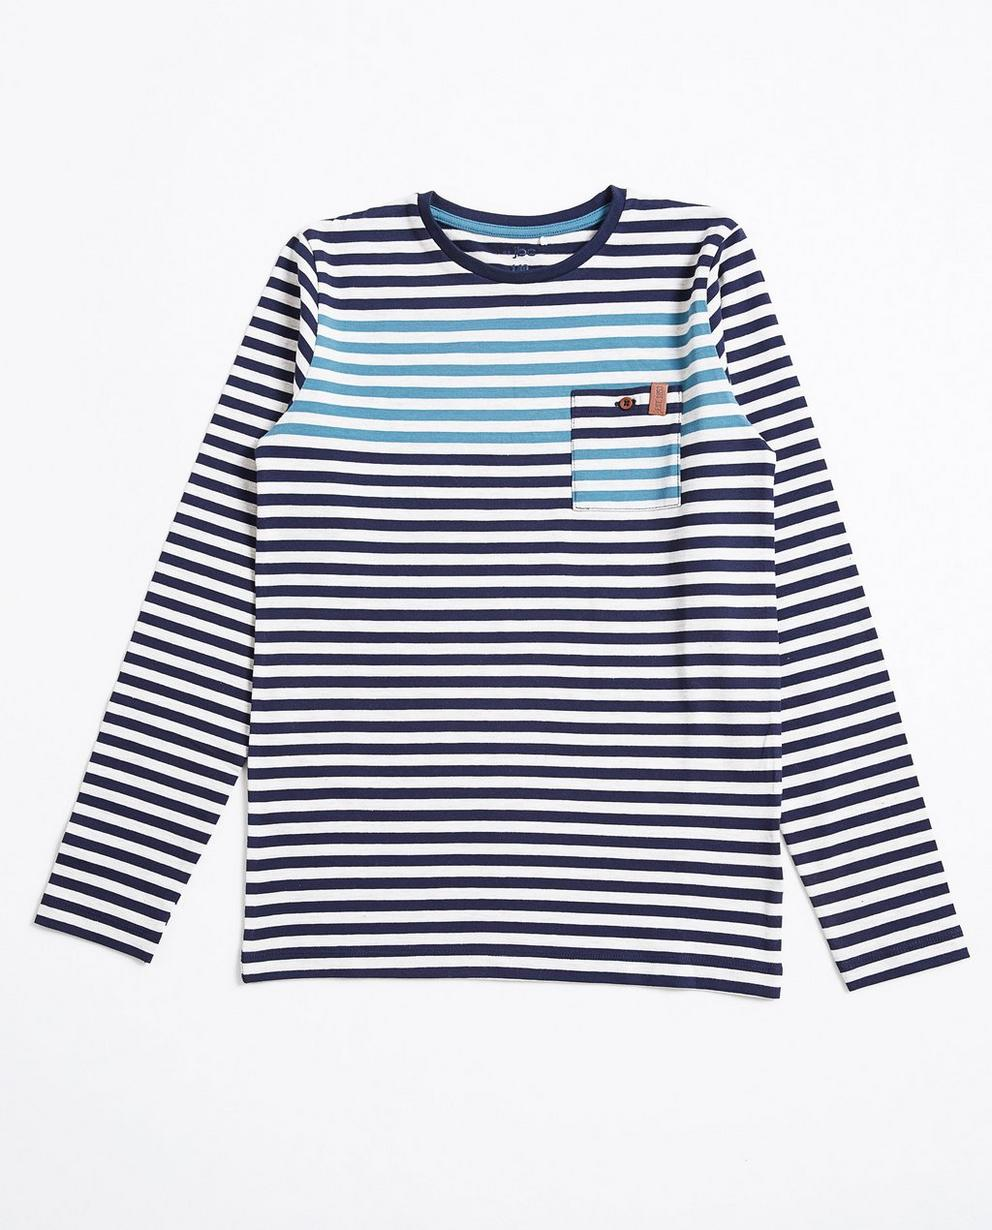 T-shirt à manches longues - rayé, gris et bleu foncé - JBC